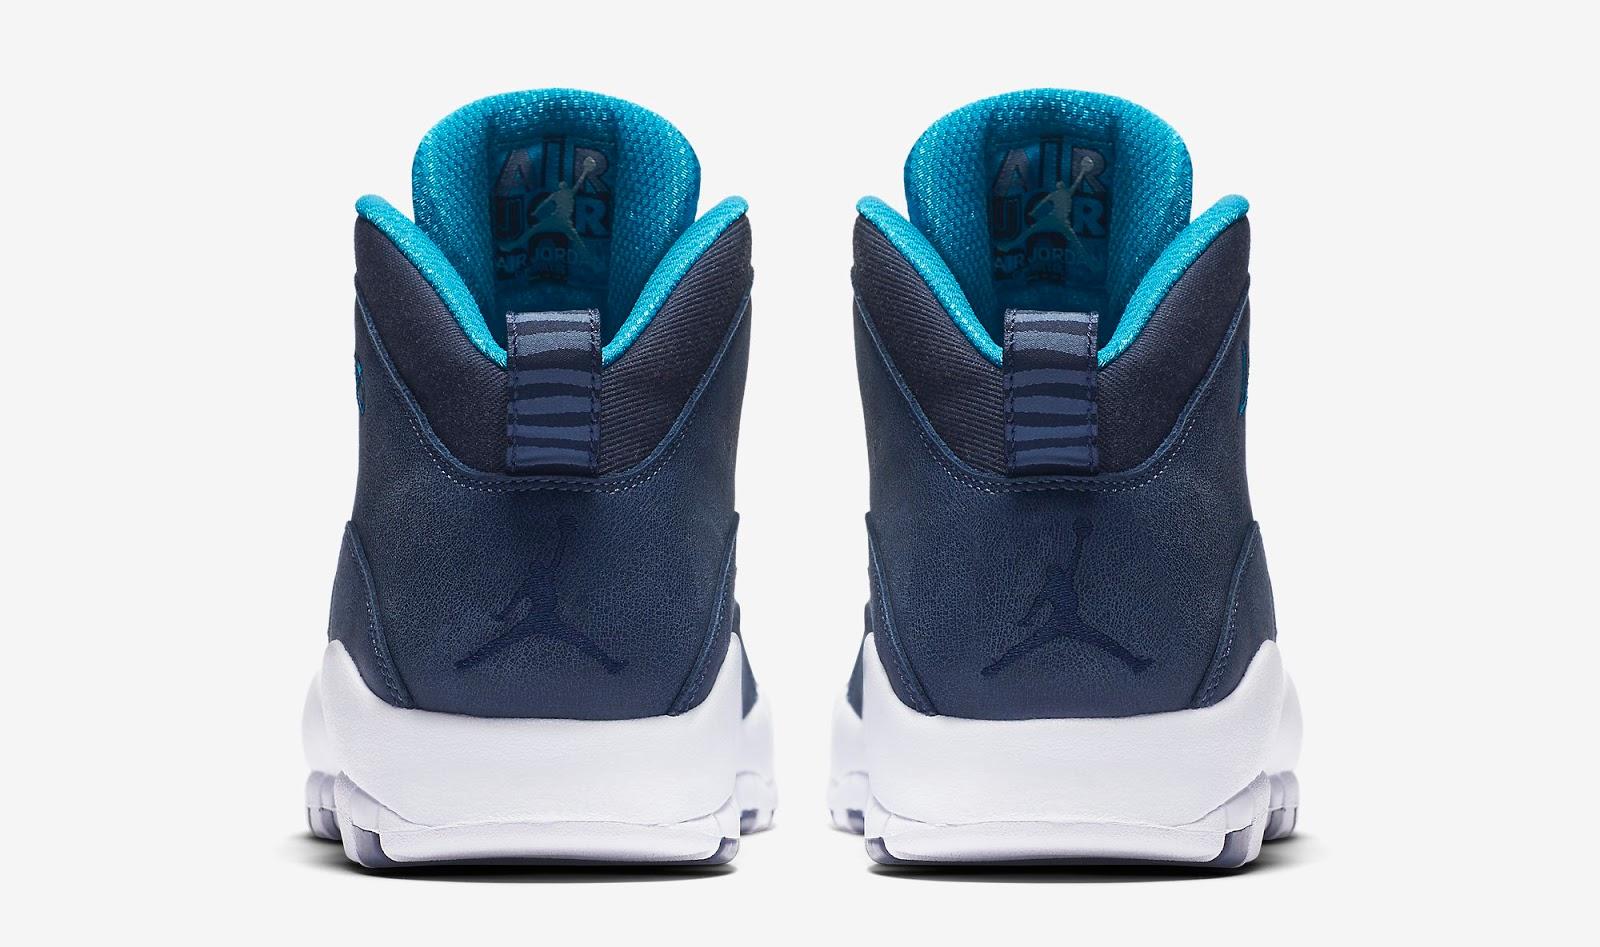 60ca36e4cb83 ajordanxi Your  1 Source For Sneaker Release Dates  Air Jordan 10 ...